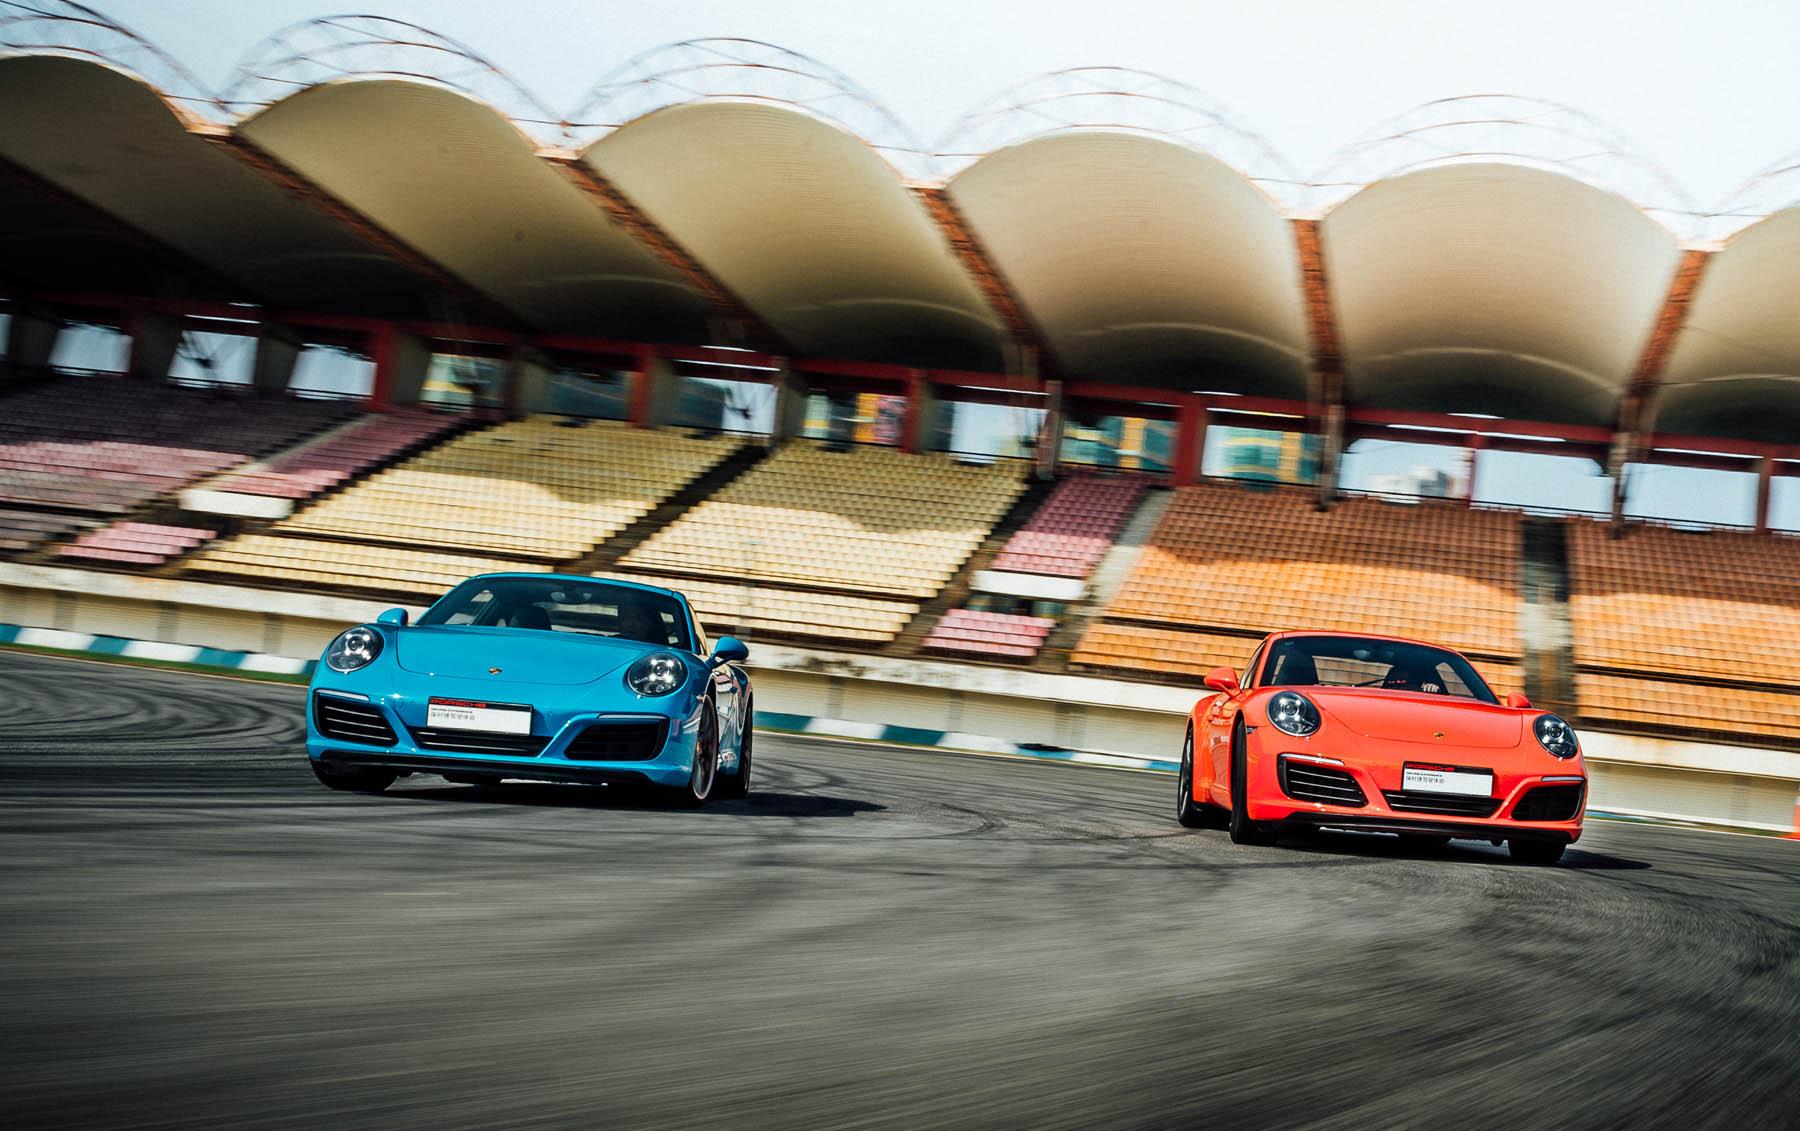 20160522-Porsche-911-Zhuhai-KH-2003.jpg